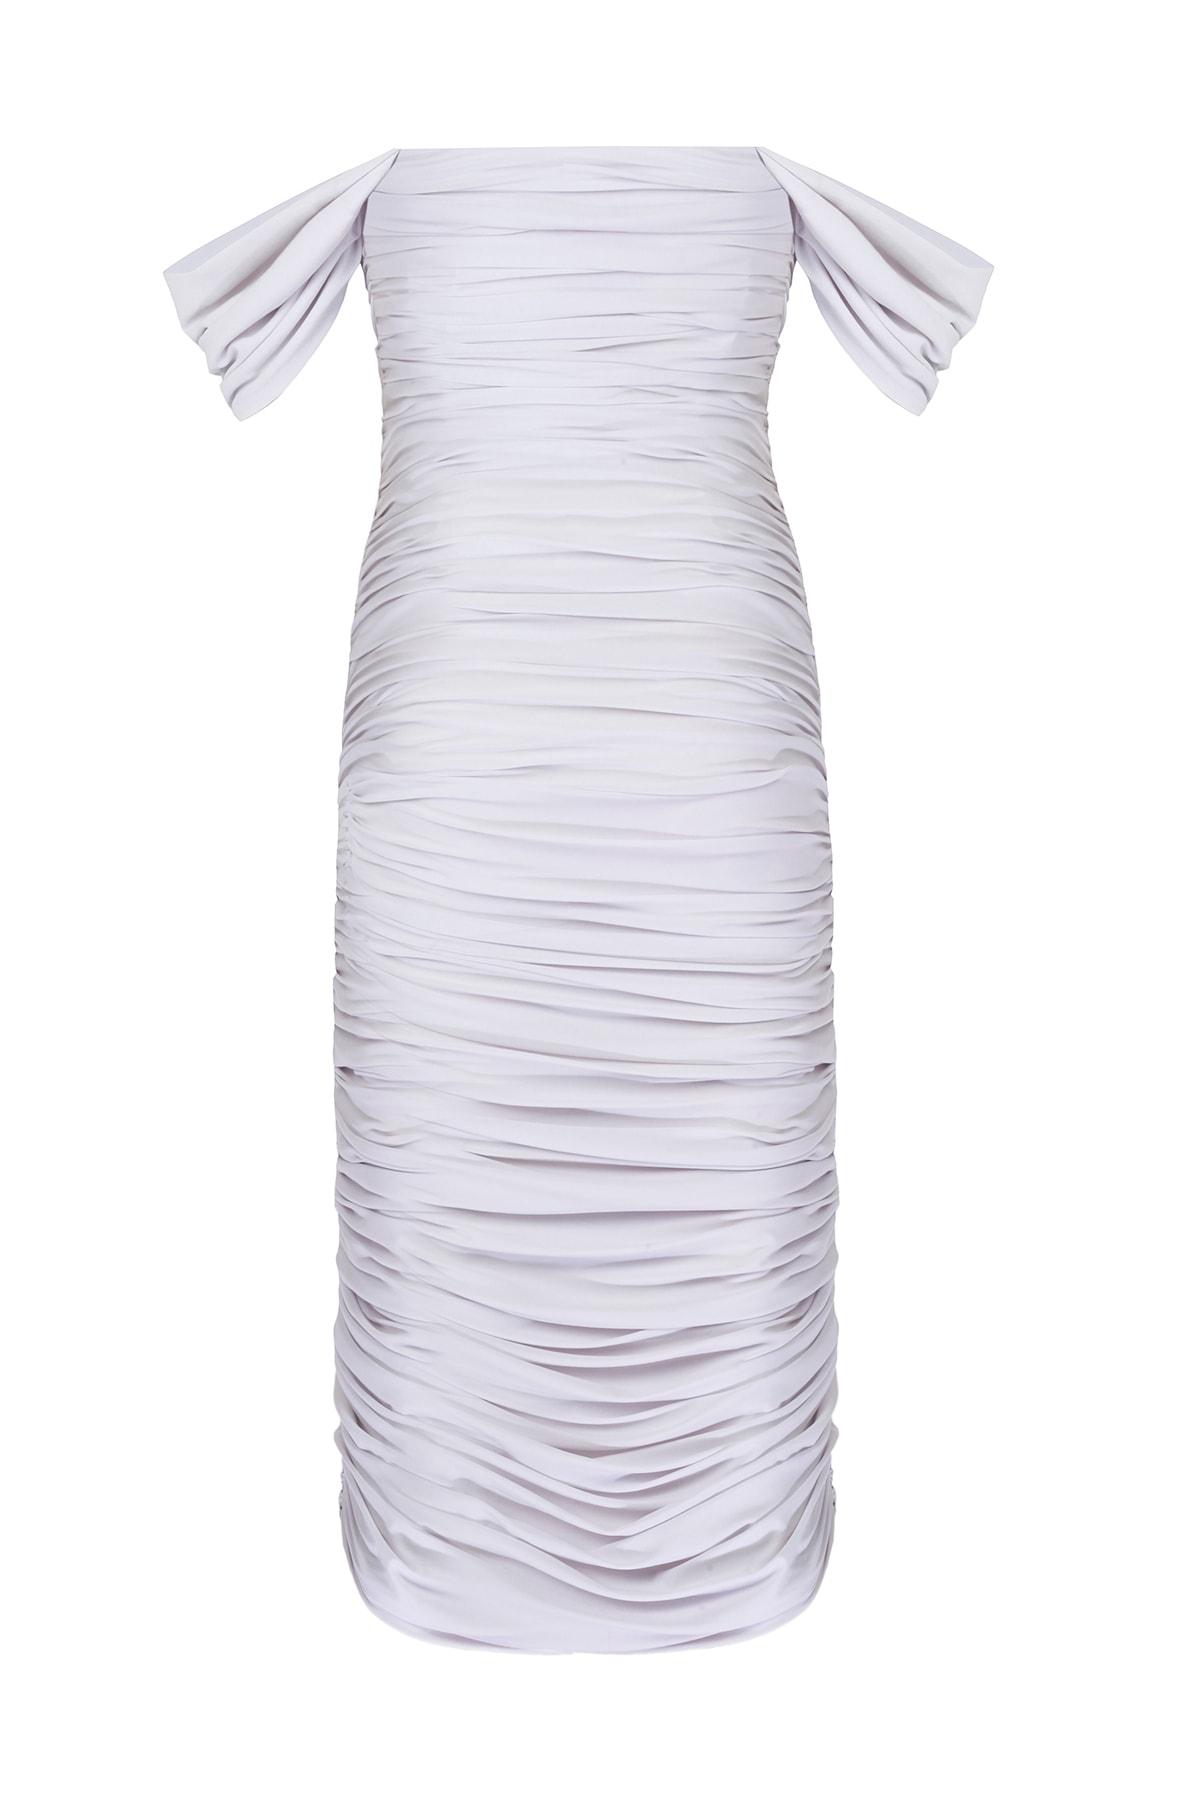 Whenever Company Kadın Beyaz Drapeli Bridal Düşük Kollu Elbise 2